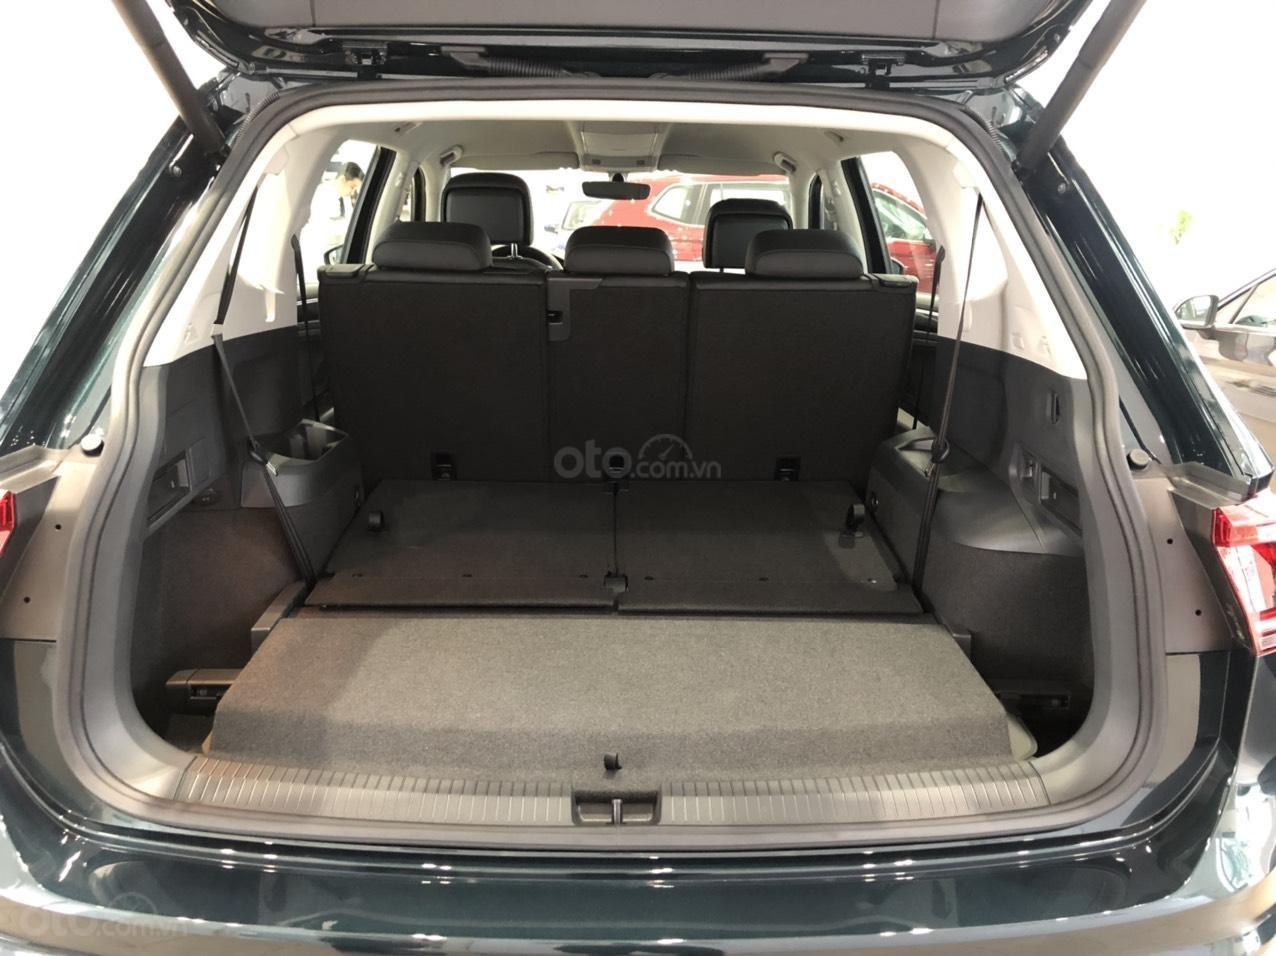 Volkswagen Tiguan Luxury S xanh rêu lạ mắt - xe Đức nhập khẩu 100% - giao ngay (15)